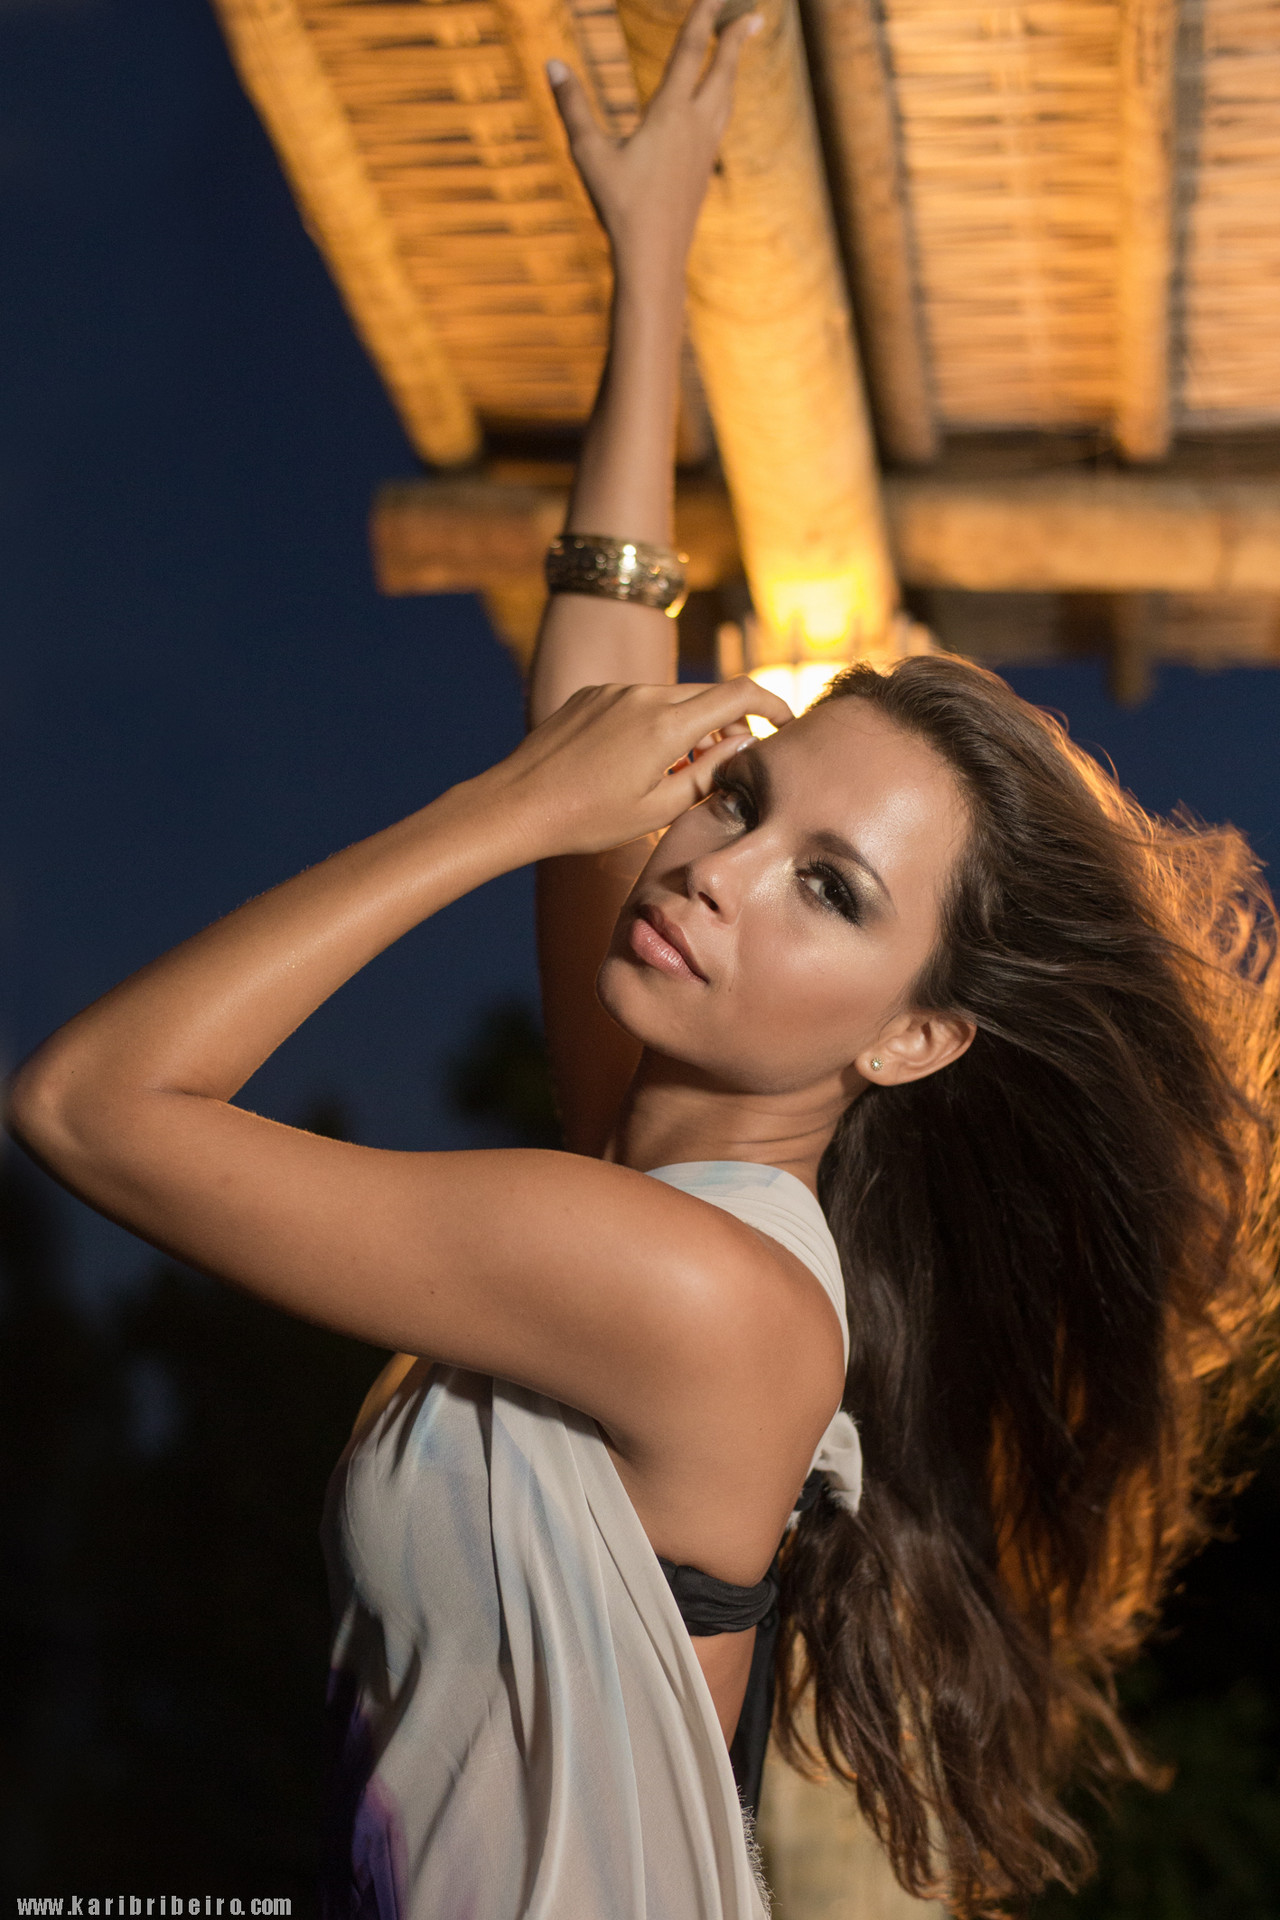 Ensaio com Aylana Nielle